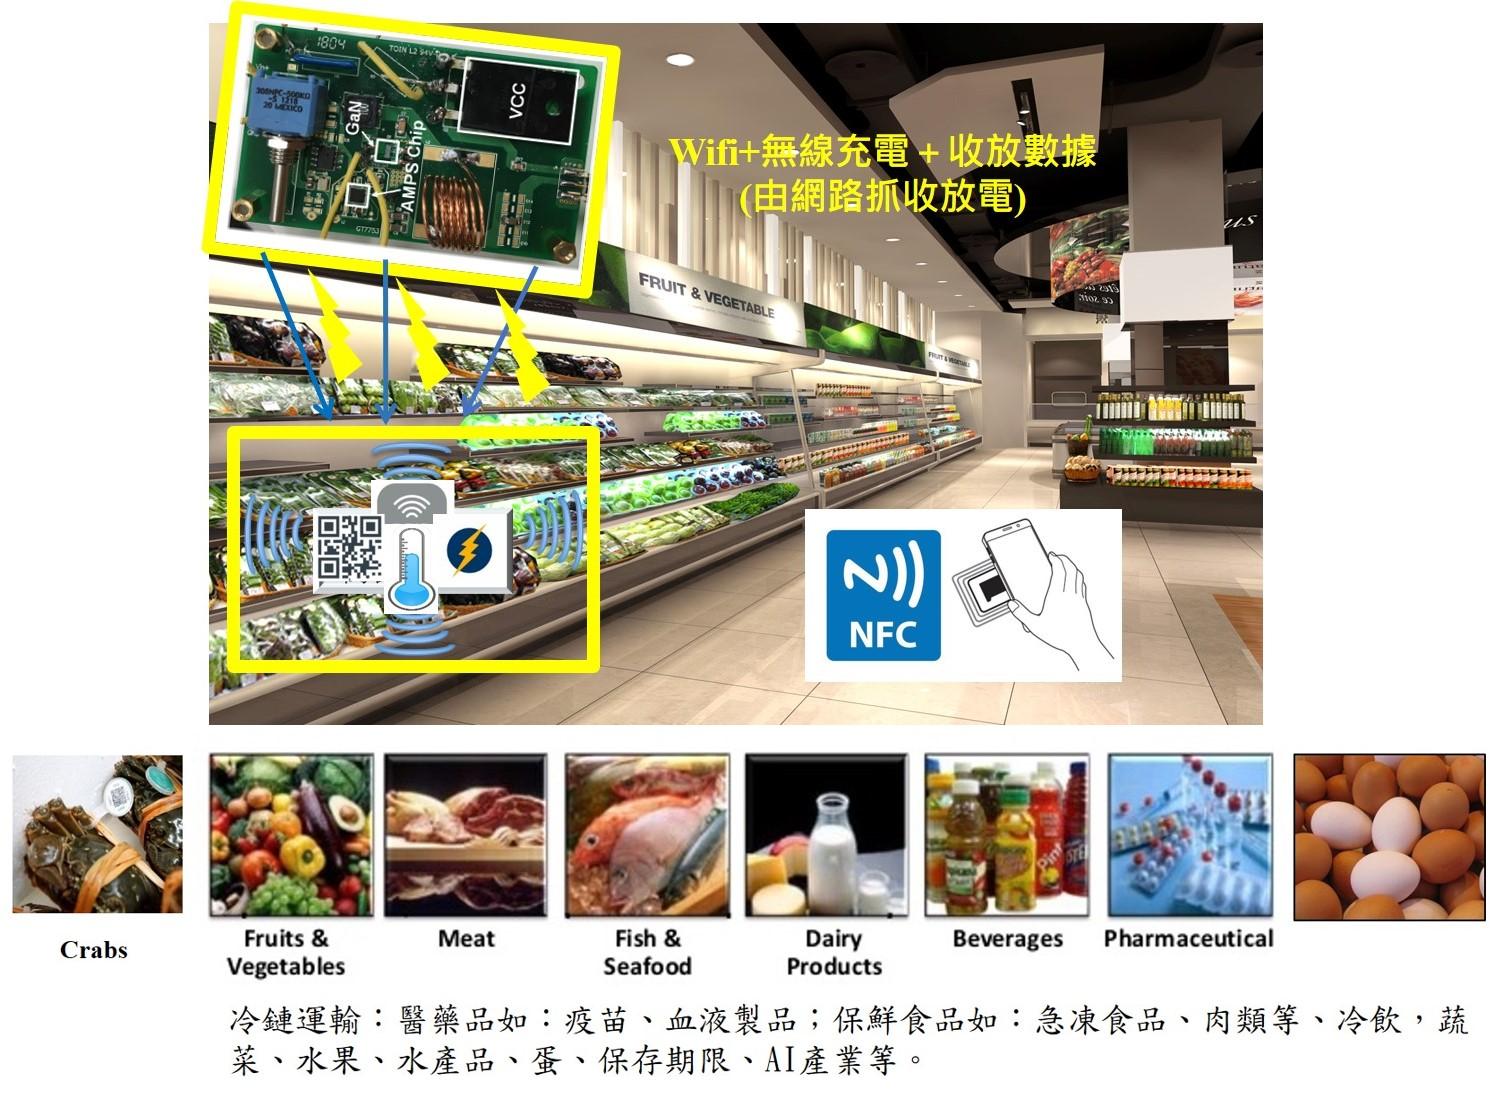 半導體食安晶片,可即時監控冷鏈運輸溫度的變化,只要在物品上貼上溫度監控食安晶片後就會自動啟動溫度記錄功能,並不間斷的記錄環境溫度值;在貨品轉換過程中可以保證貨品的有效性;在貨品入庫後更可利用此溫度食安標籤資訊,快速、準確的分門別類貨品的位置,並可同時讀取食品安全檢測系統,直接拒收不合格產品,通過兩者相結合,可以有效提高冷鏈品質,進而保證貨物的品質,並達到防偽之功能。